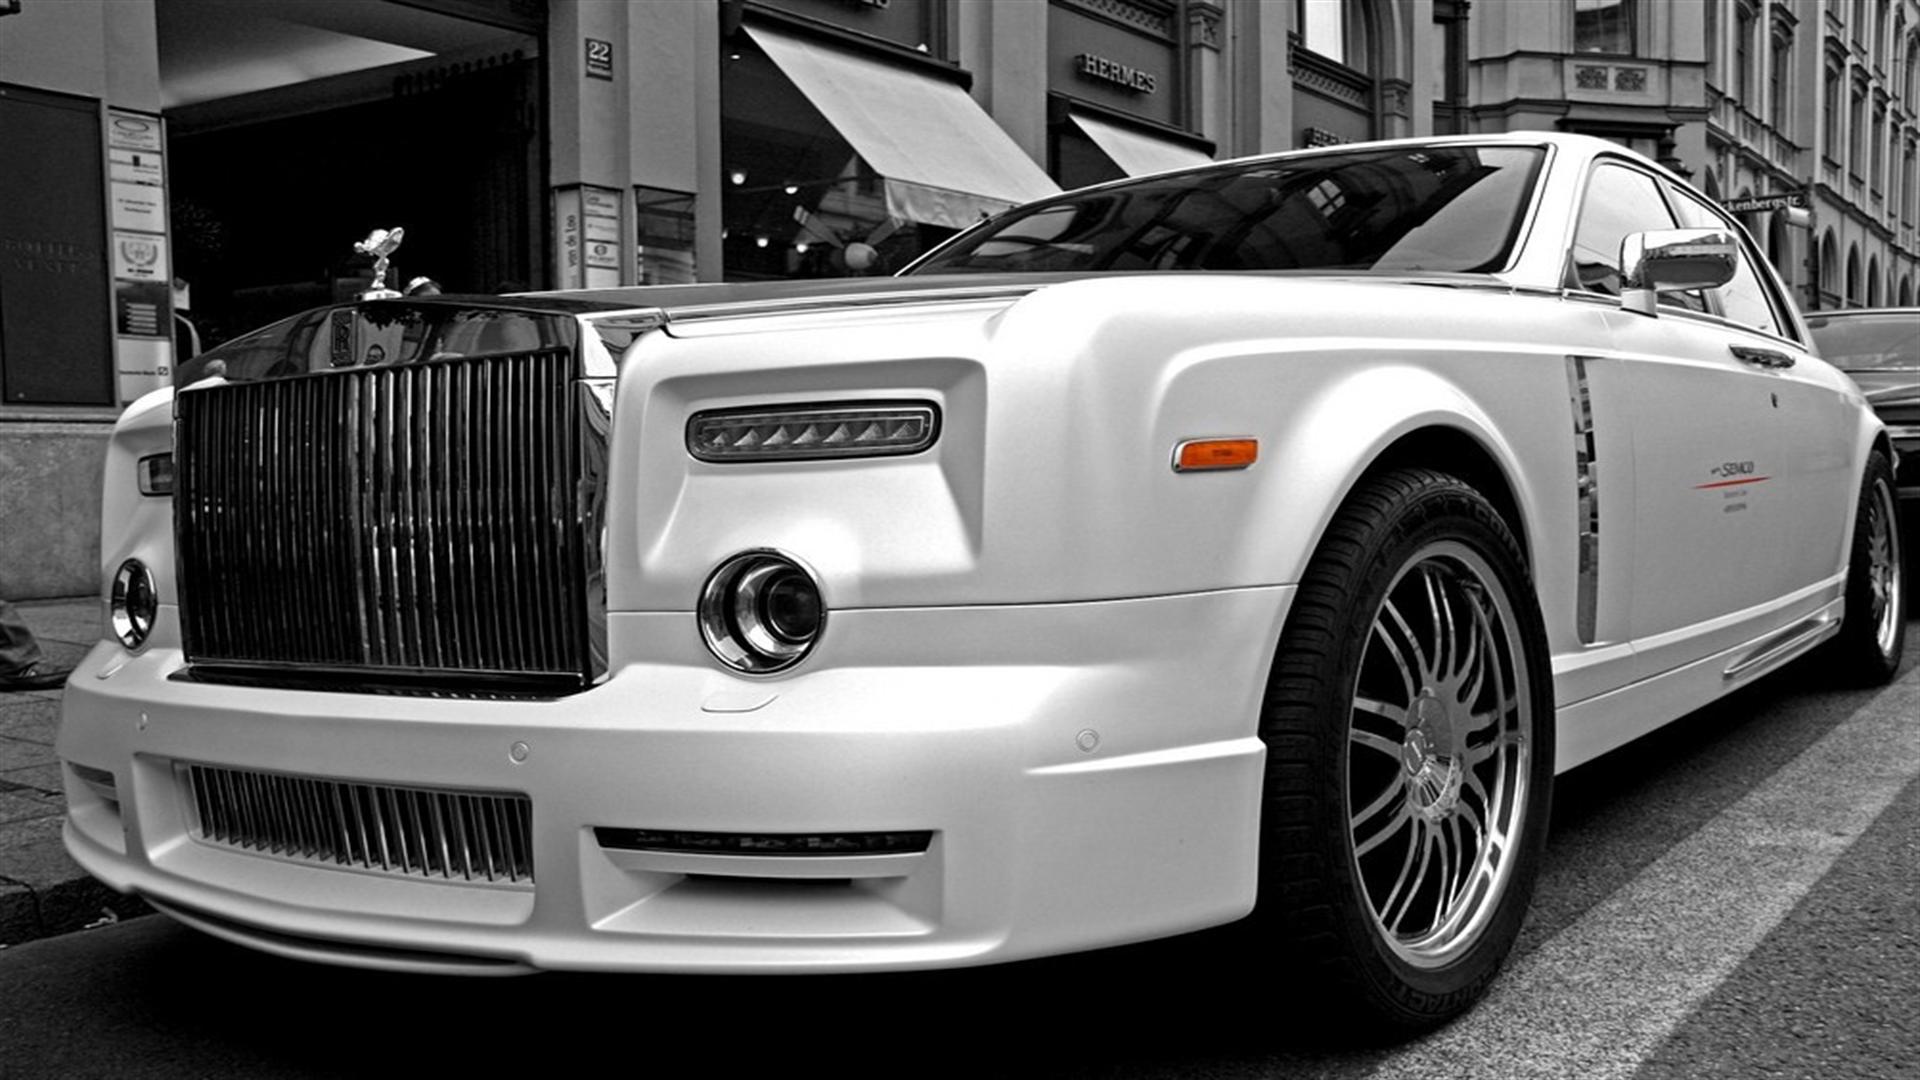 Rolls Royce Wallpaper 1920x1080 76087